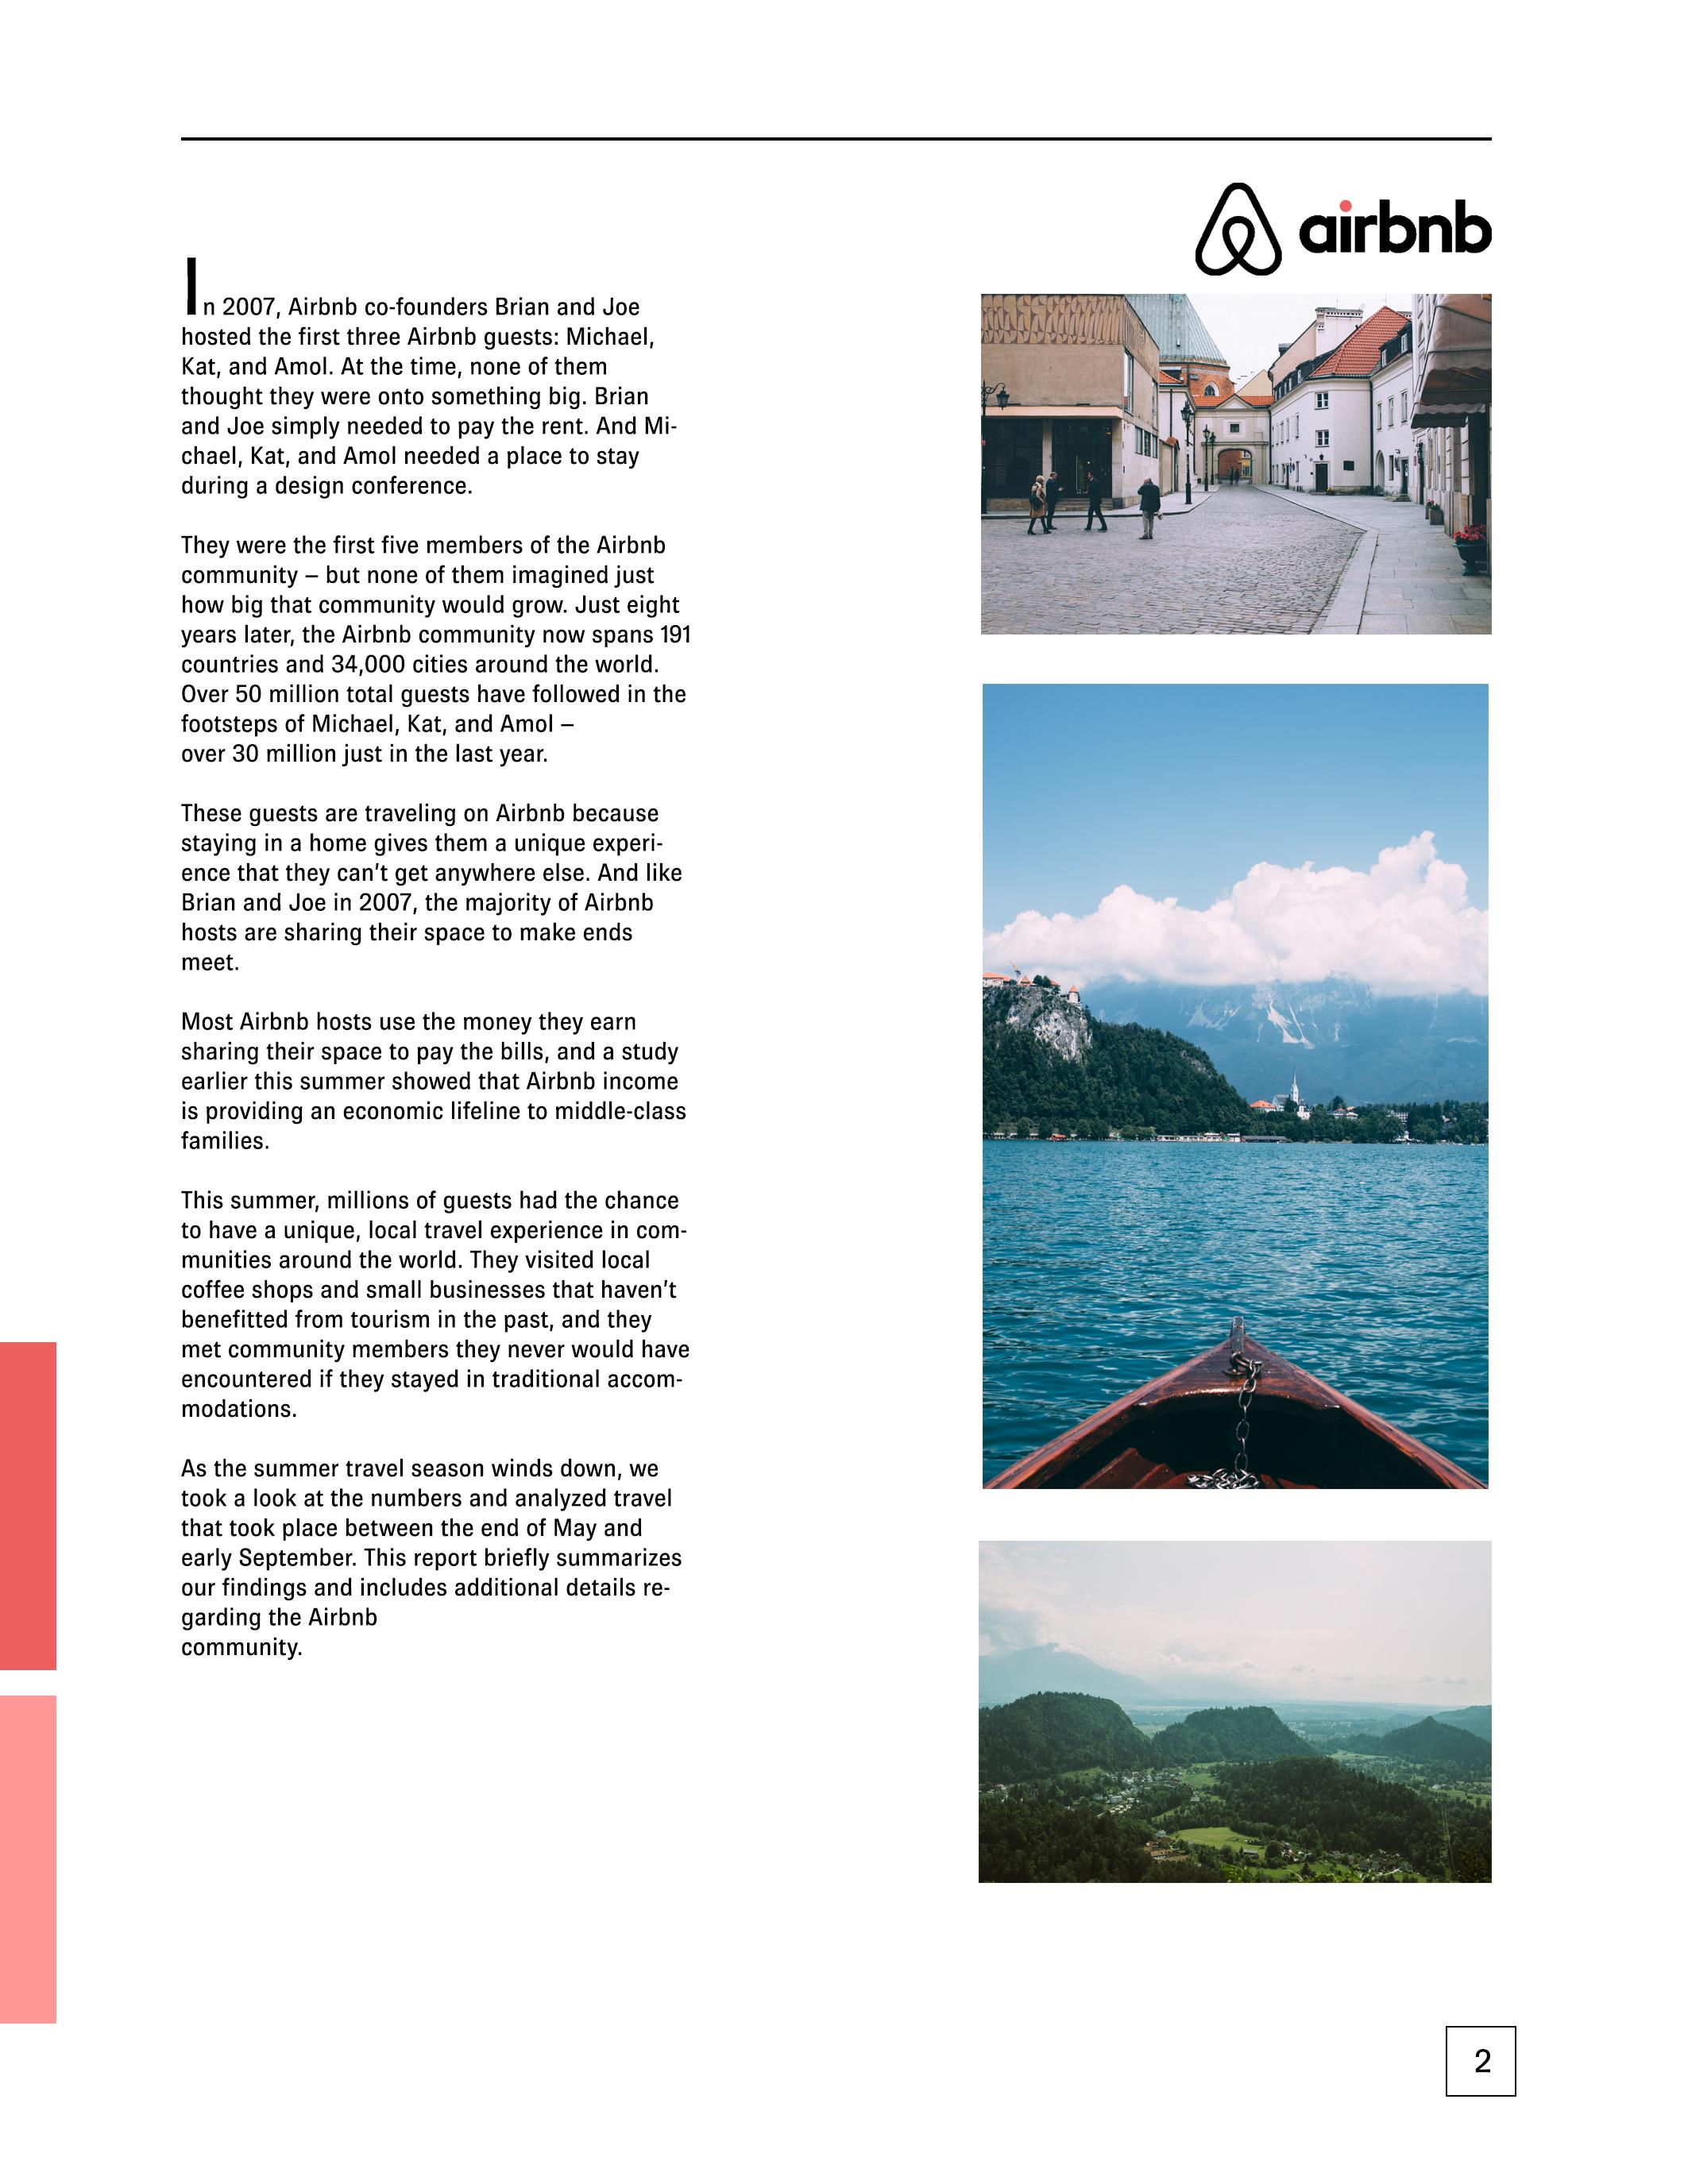 pg 2 design.jpg